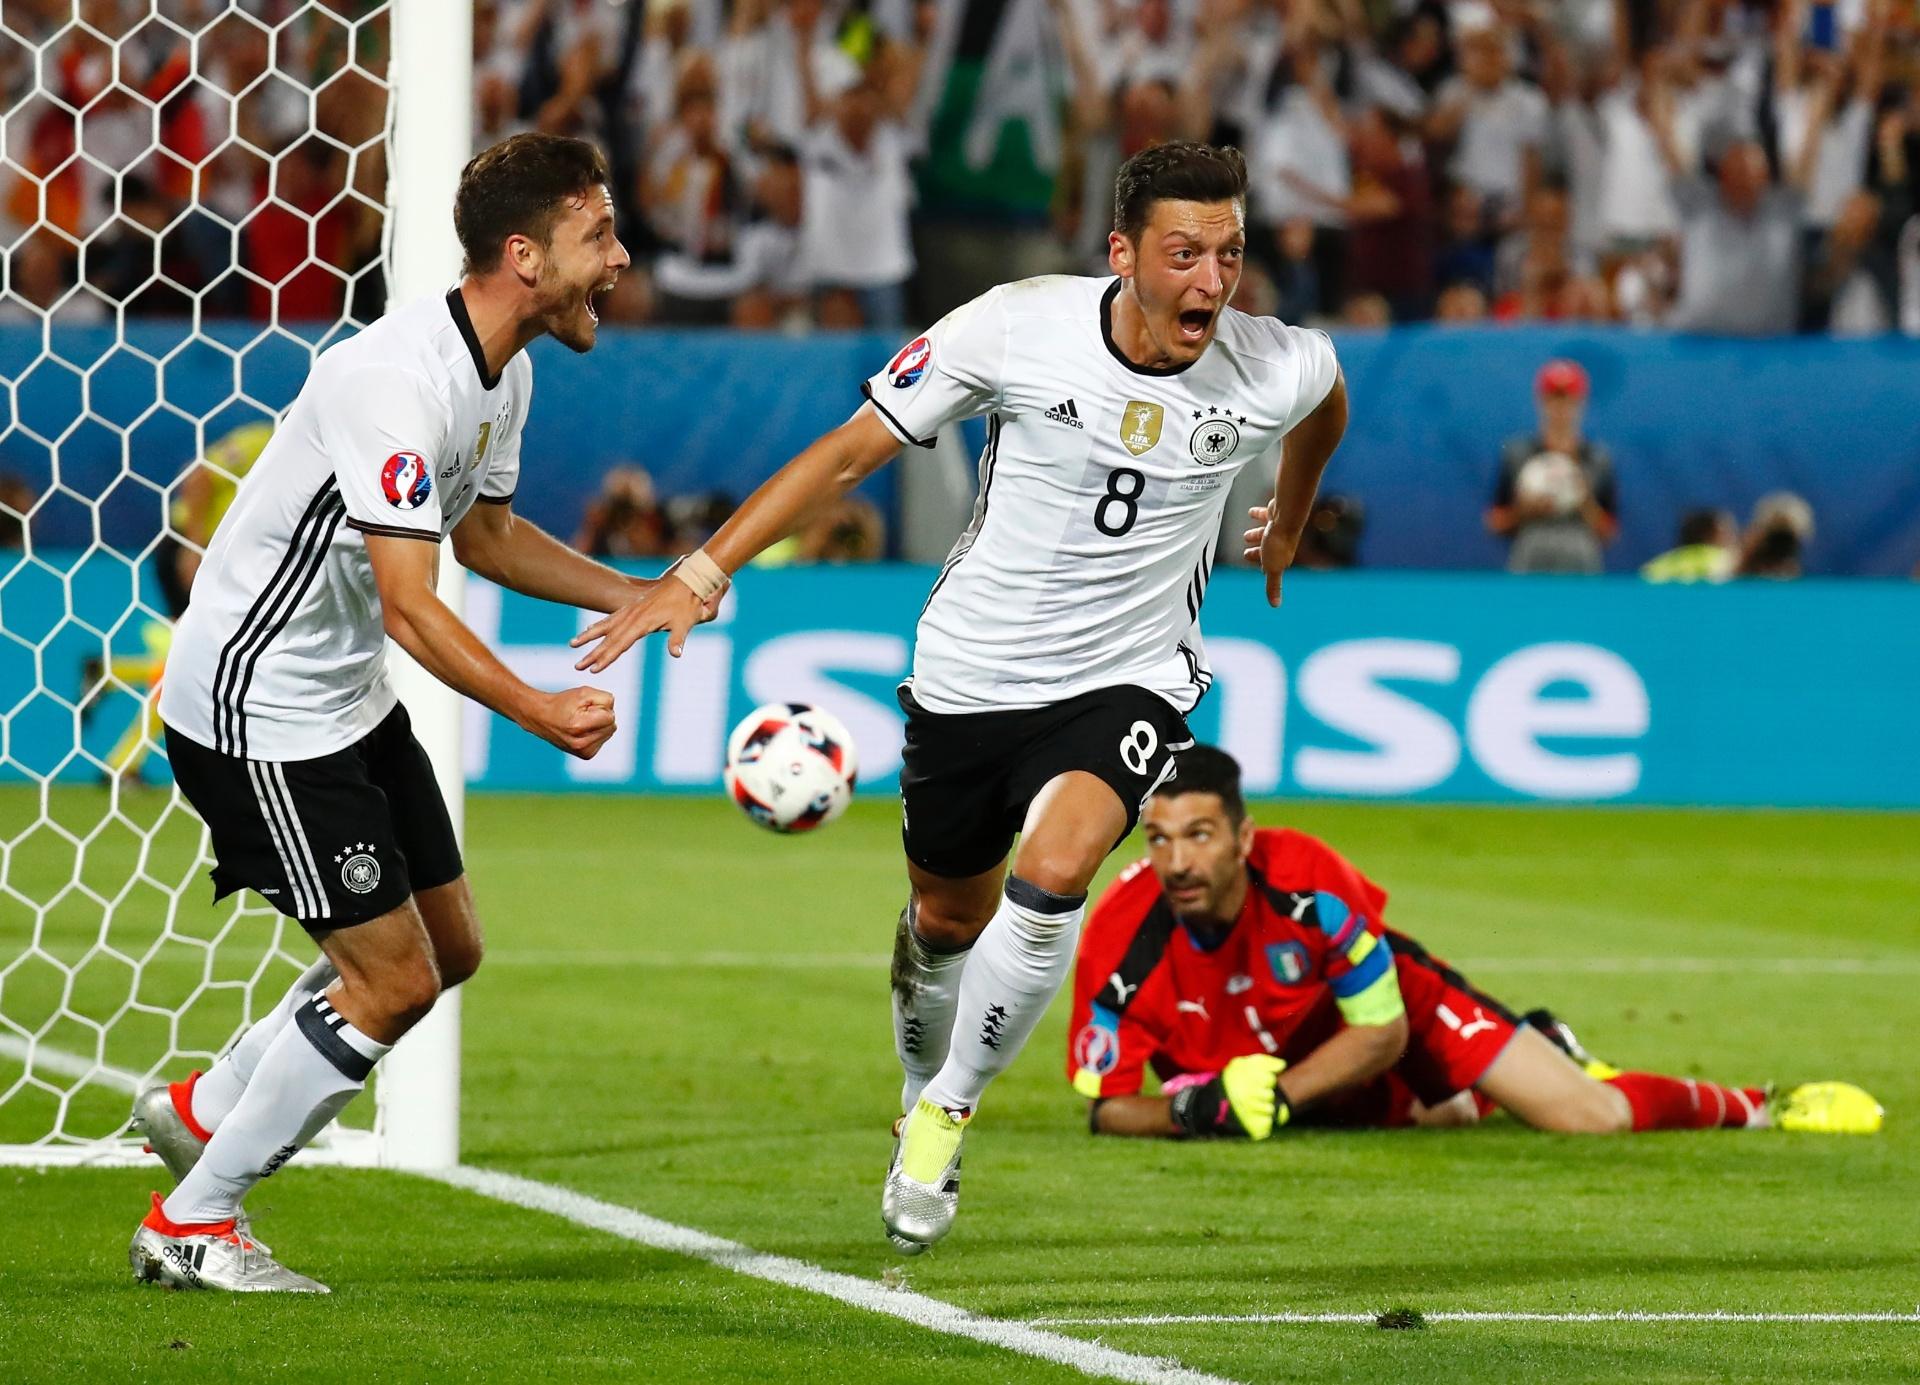 de483cc878 Alemanha passa no drama dos pênaltis na Euro sem quebrar tabu contra Itália  - 02 07 2016 - UOL Esporte